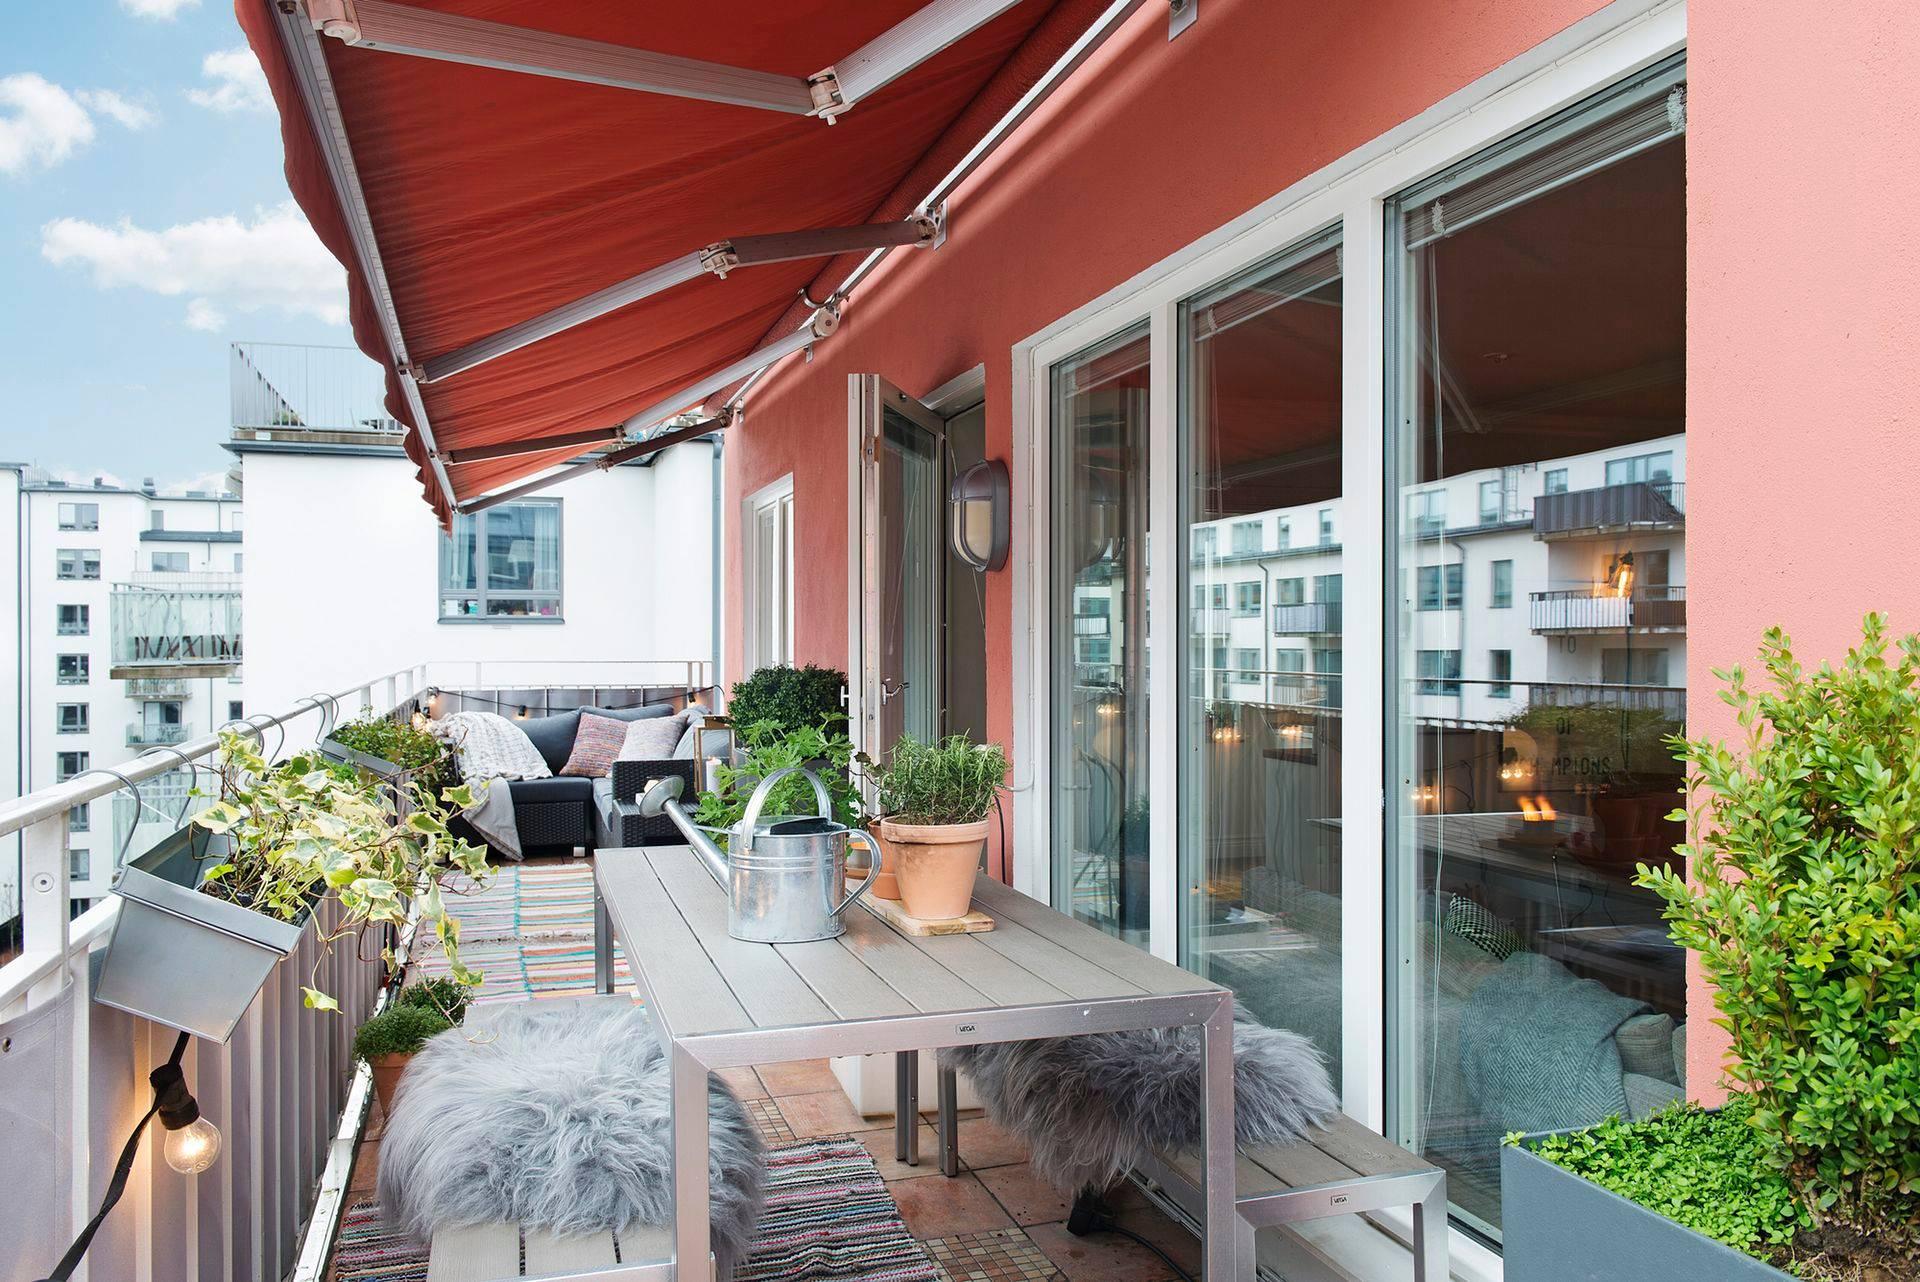 Sonnenschutz Balkone mit diesen Ideen verschatten